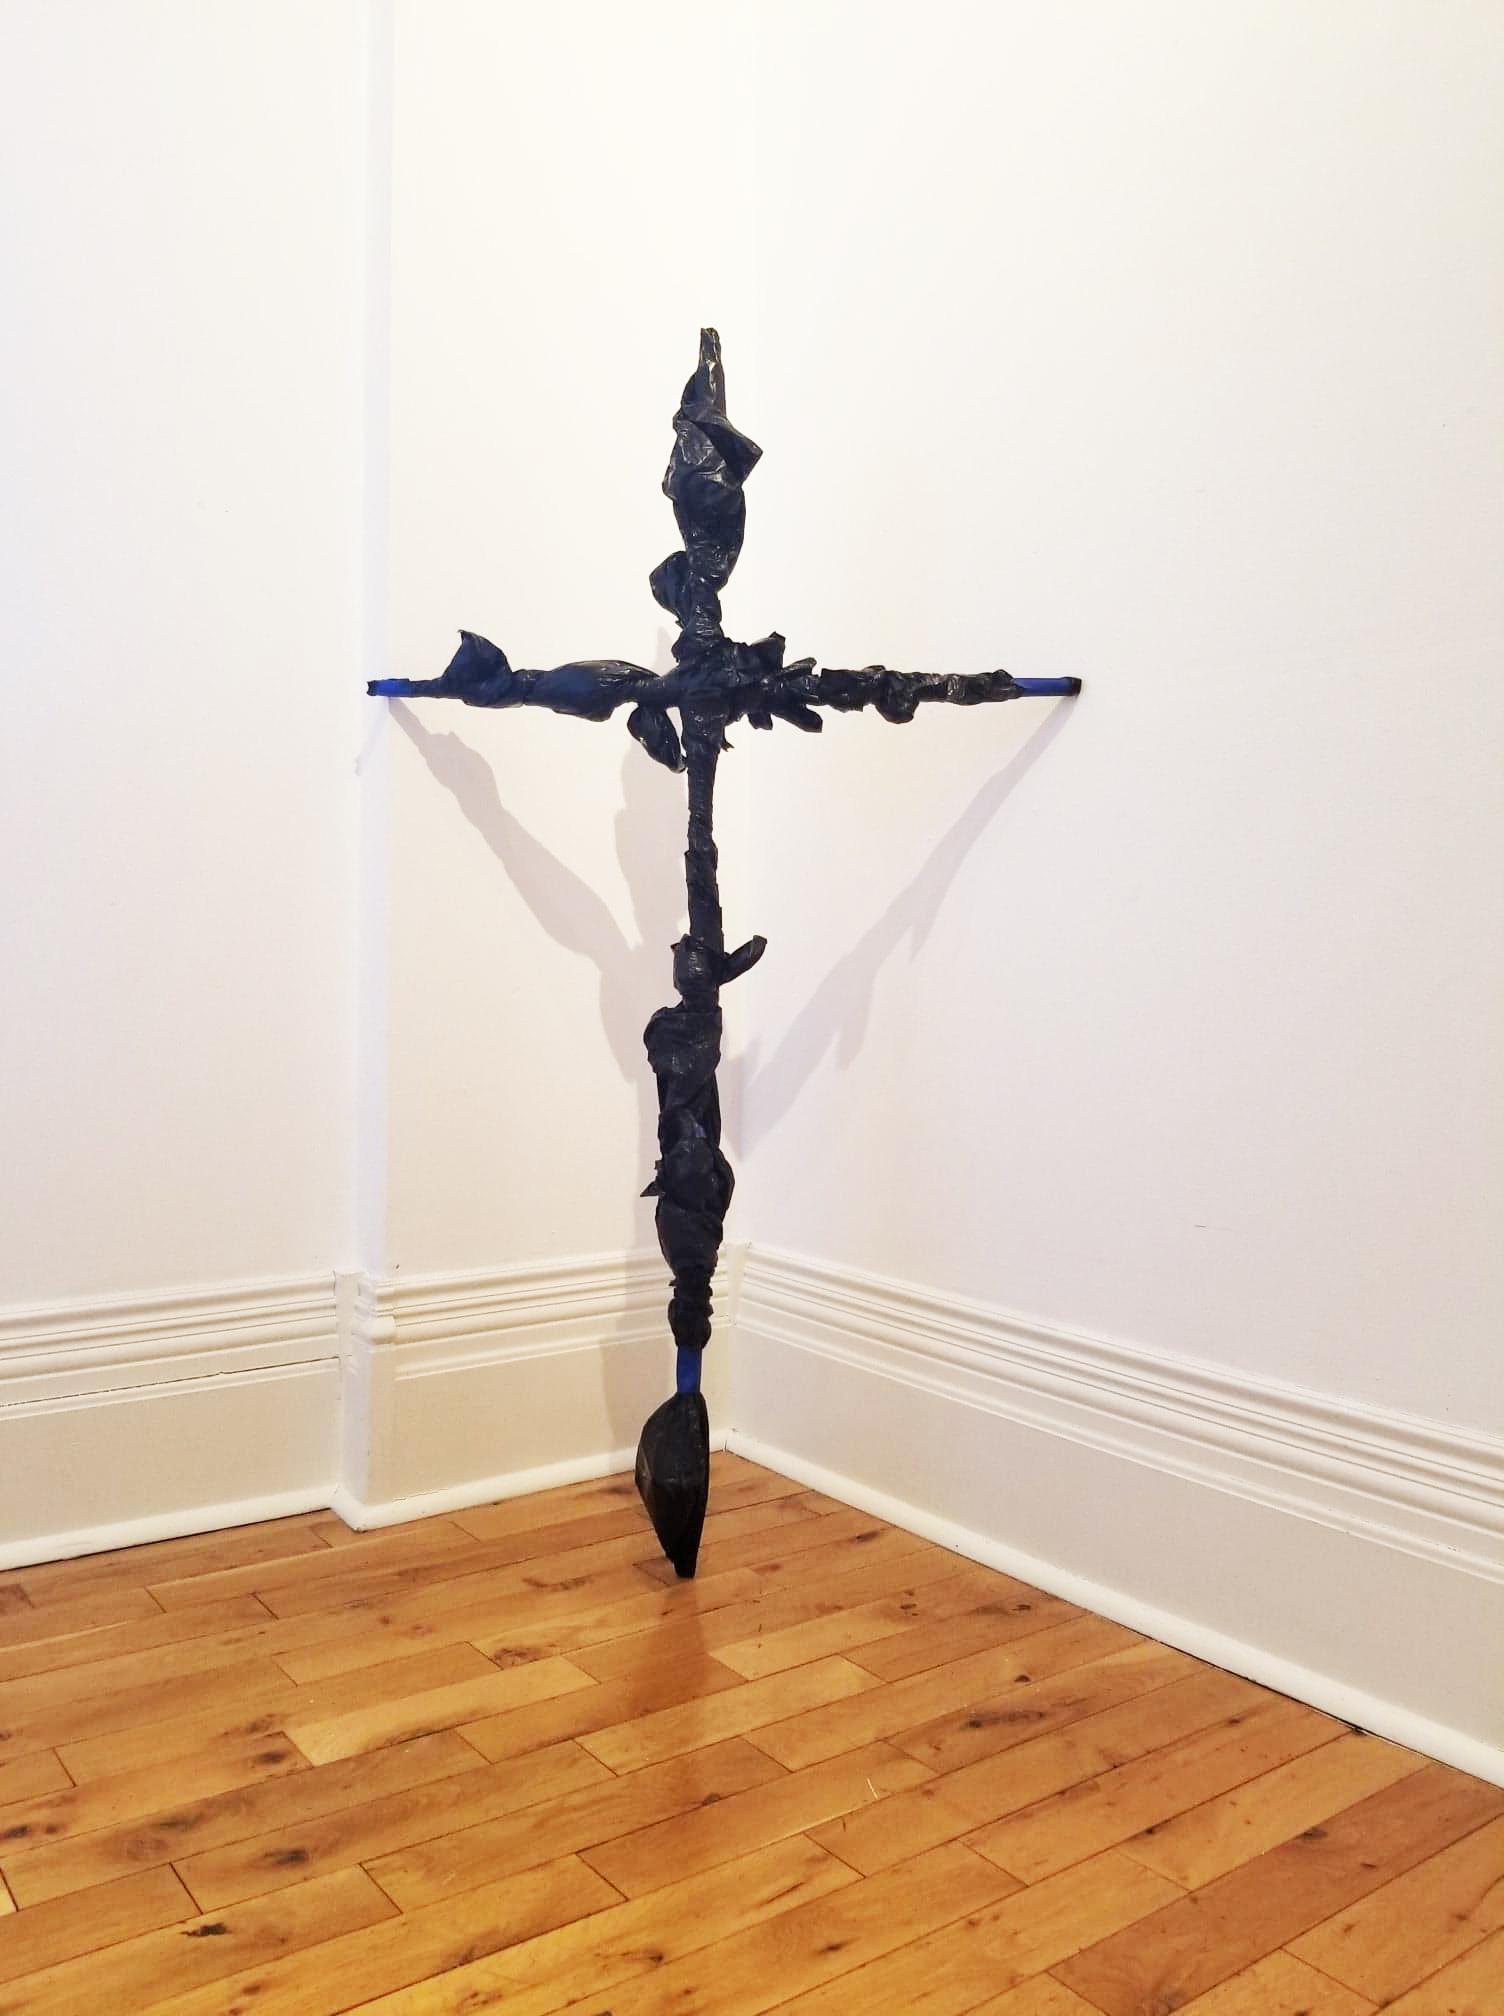 Garbage bag wrapped crucifix